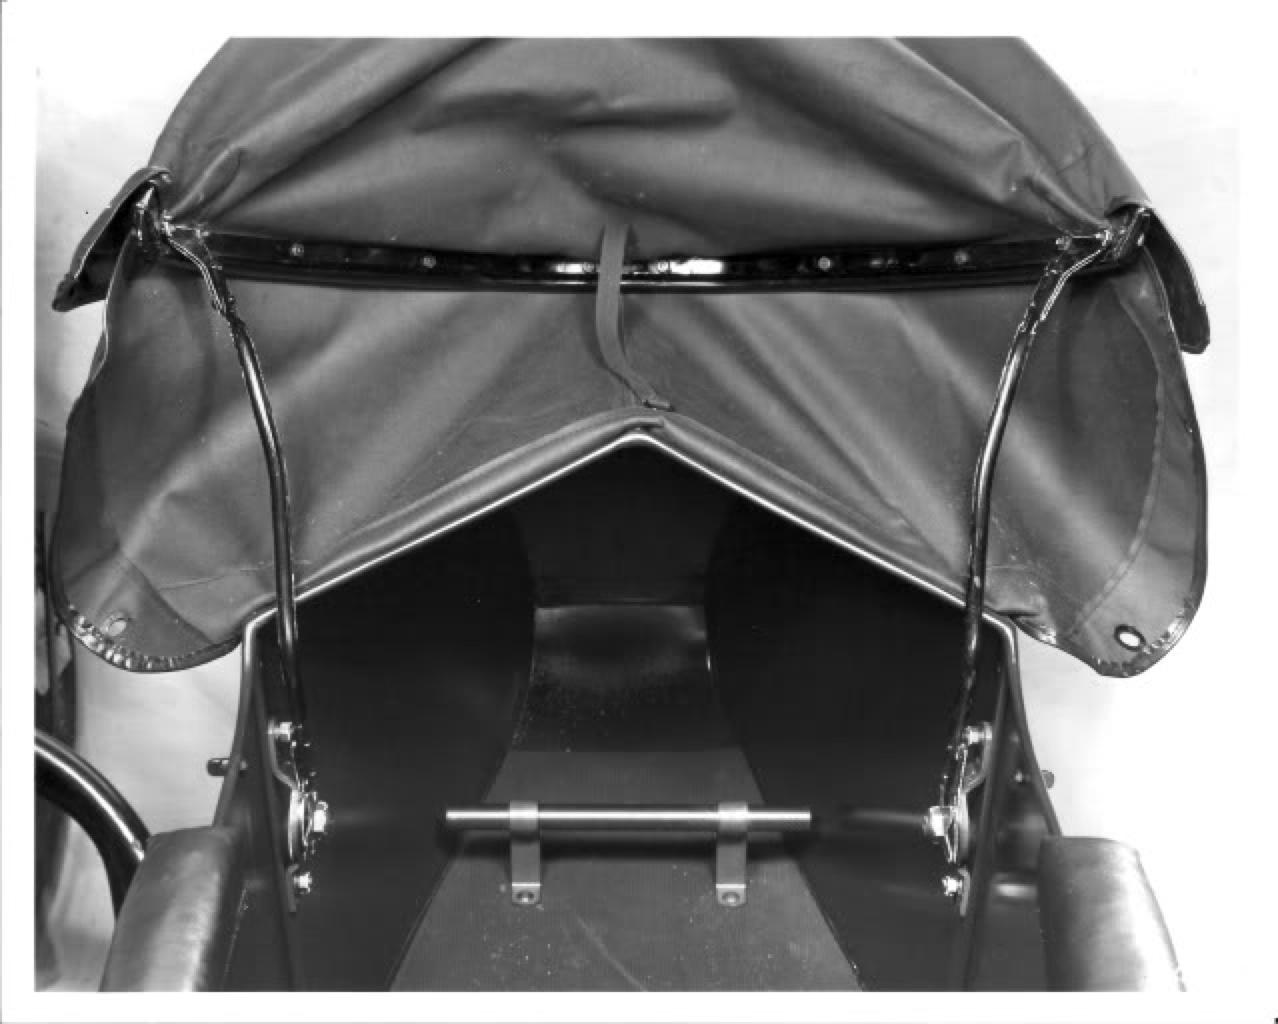 Detalle del interior del sidecar